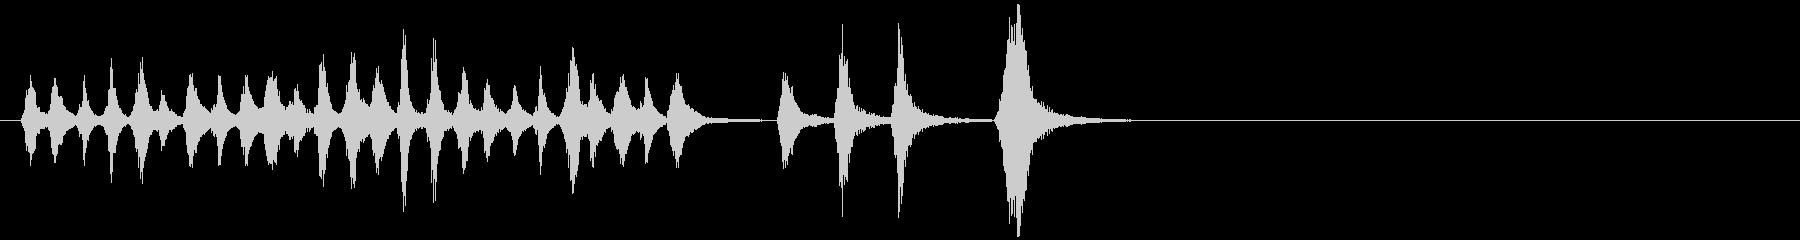 静かな電子音がミステリアスなバラードの未再生の波形